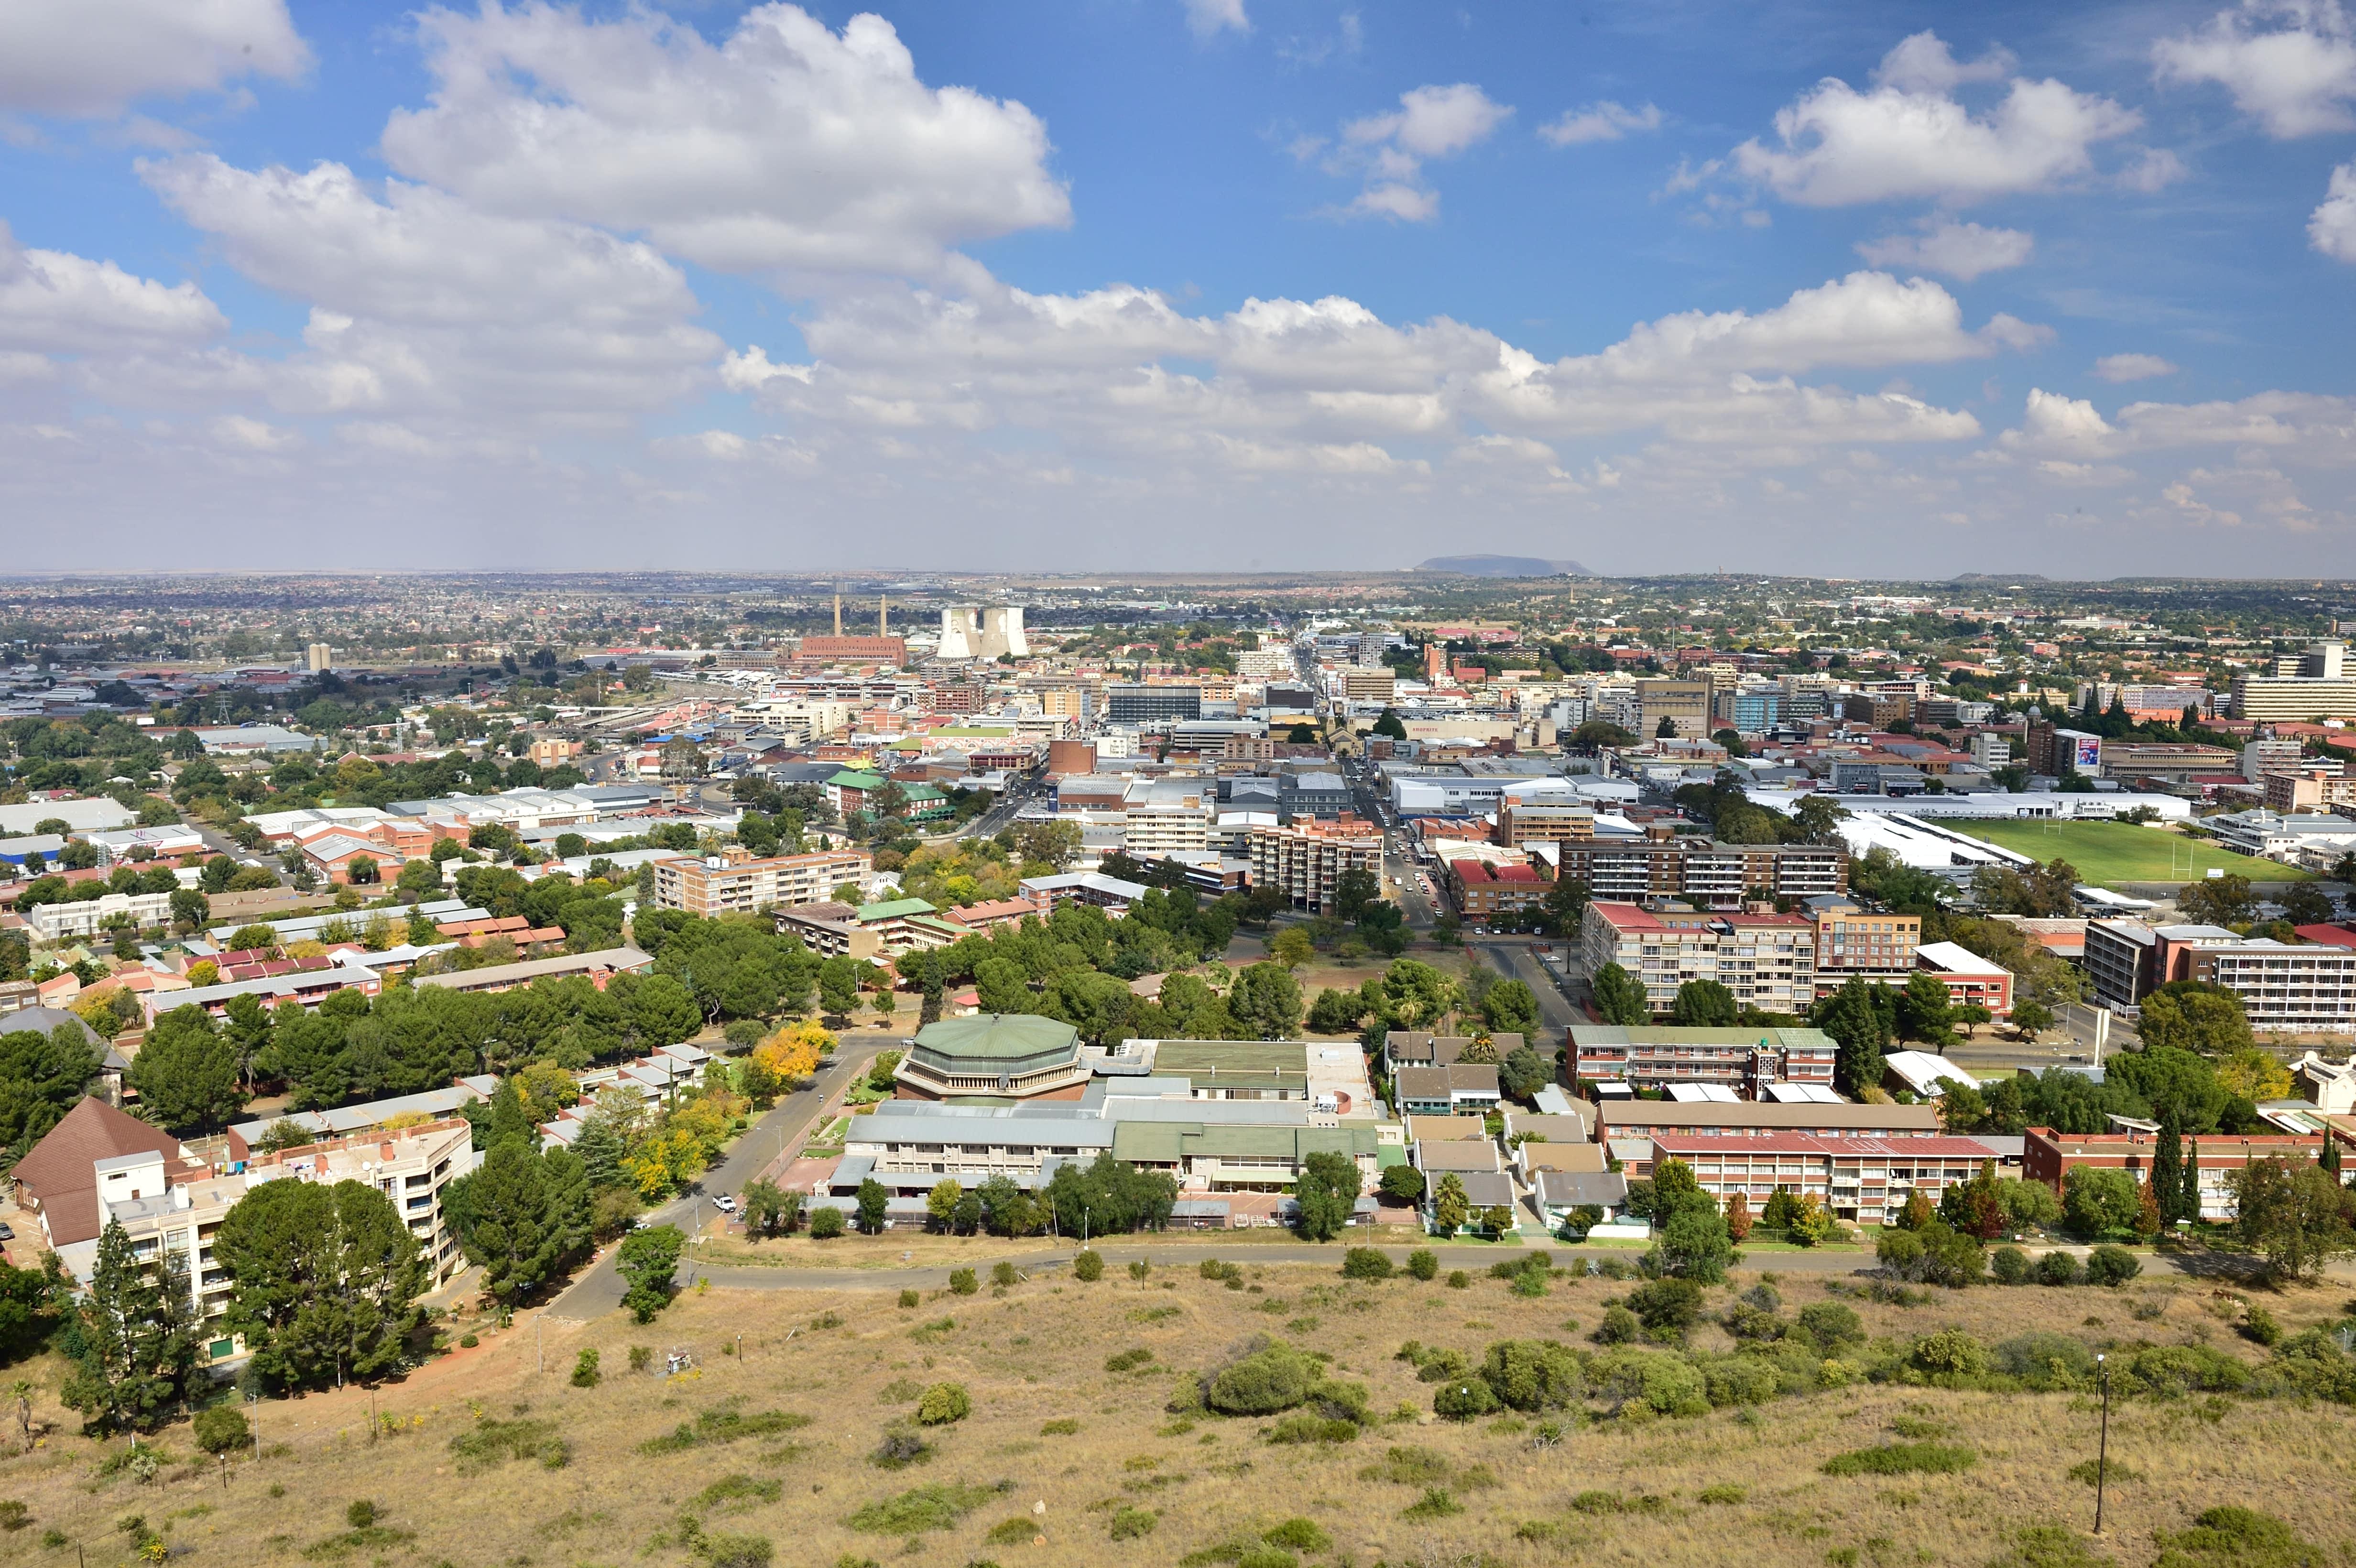 bloemfontein-cover-afrique-du-sud-decouverte